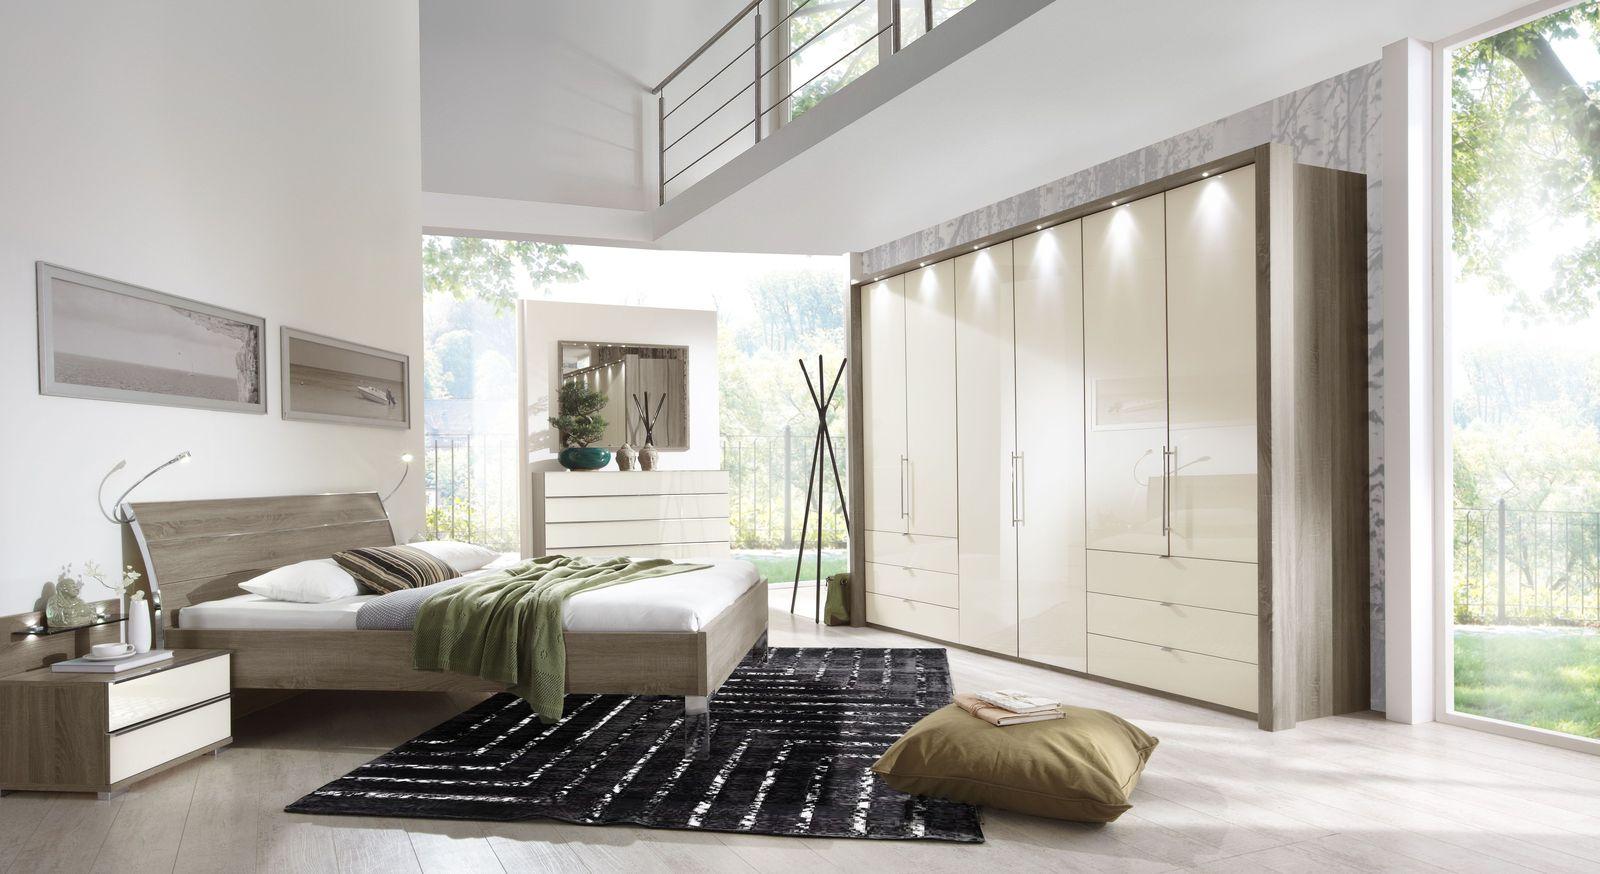 Full Size of Schlafzimmer Komplett Einrichten Und Gestalten Bei Bettende Nolte Kommode Günstige Lampe Set Günstig Deckenleuchte Modern Weiß Luxus Komplette Schlafzimmer Schlafzimmer Komplettangebote